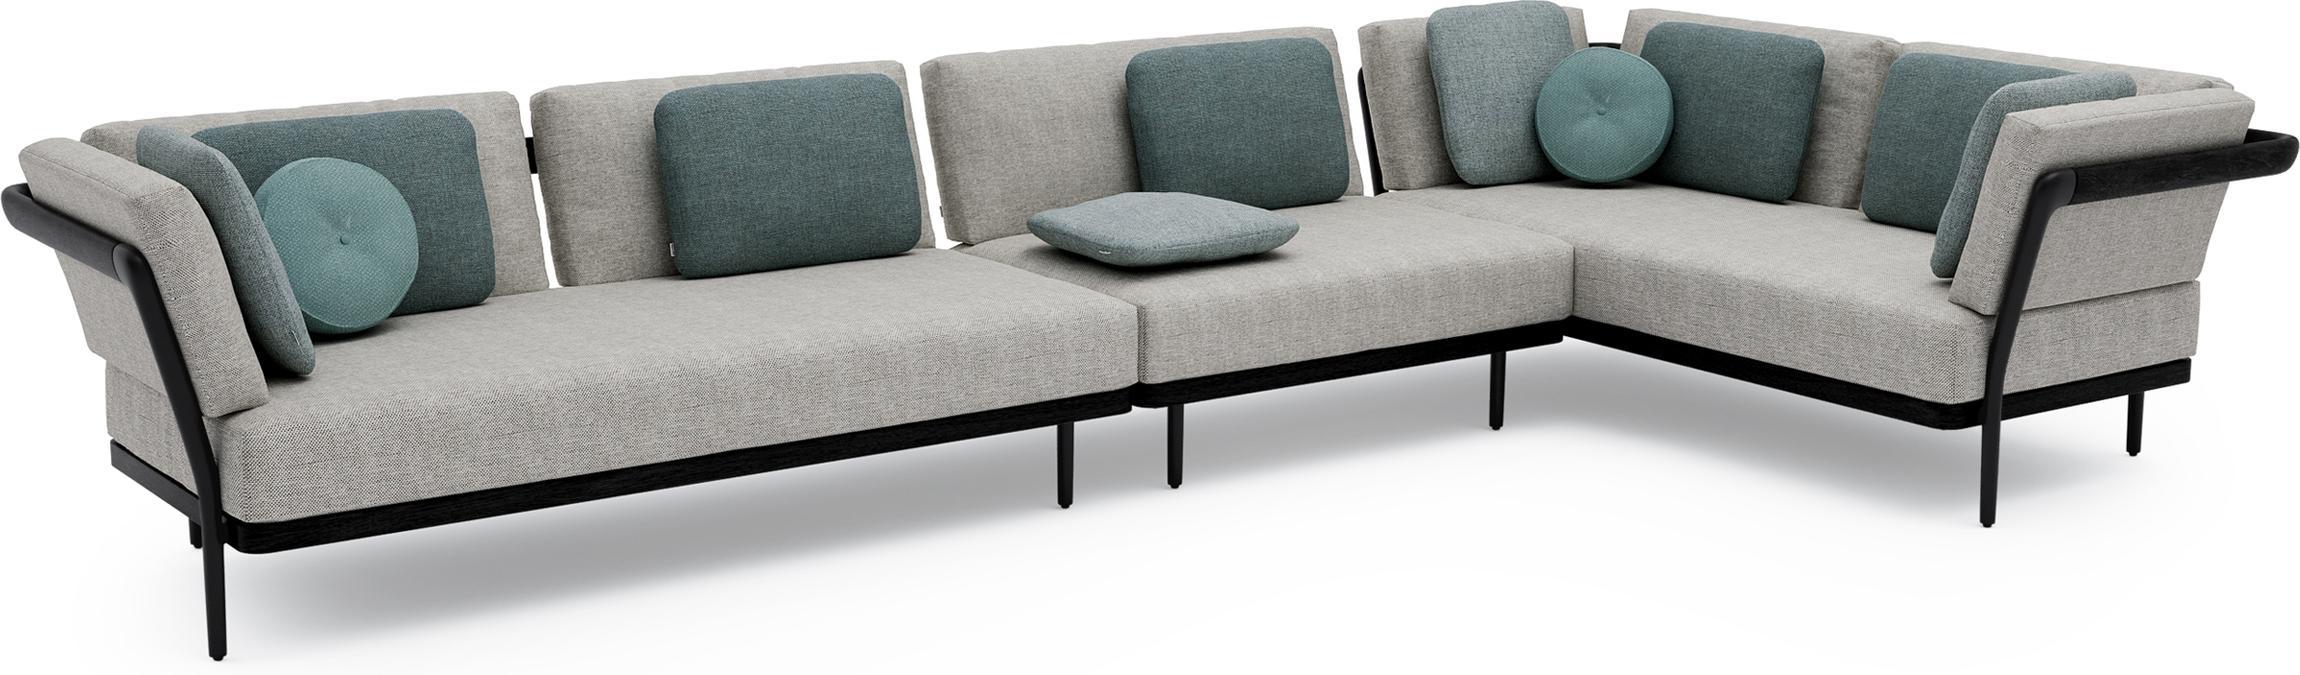 Flex Concept 5 teak nero black